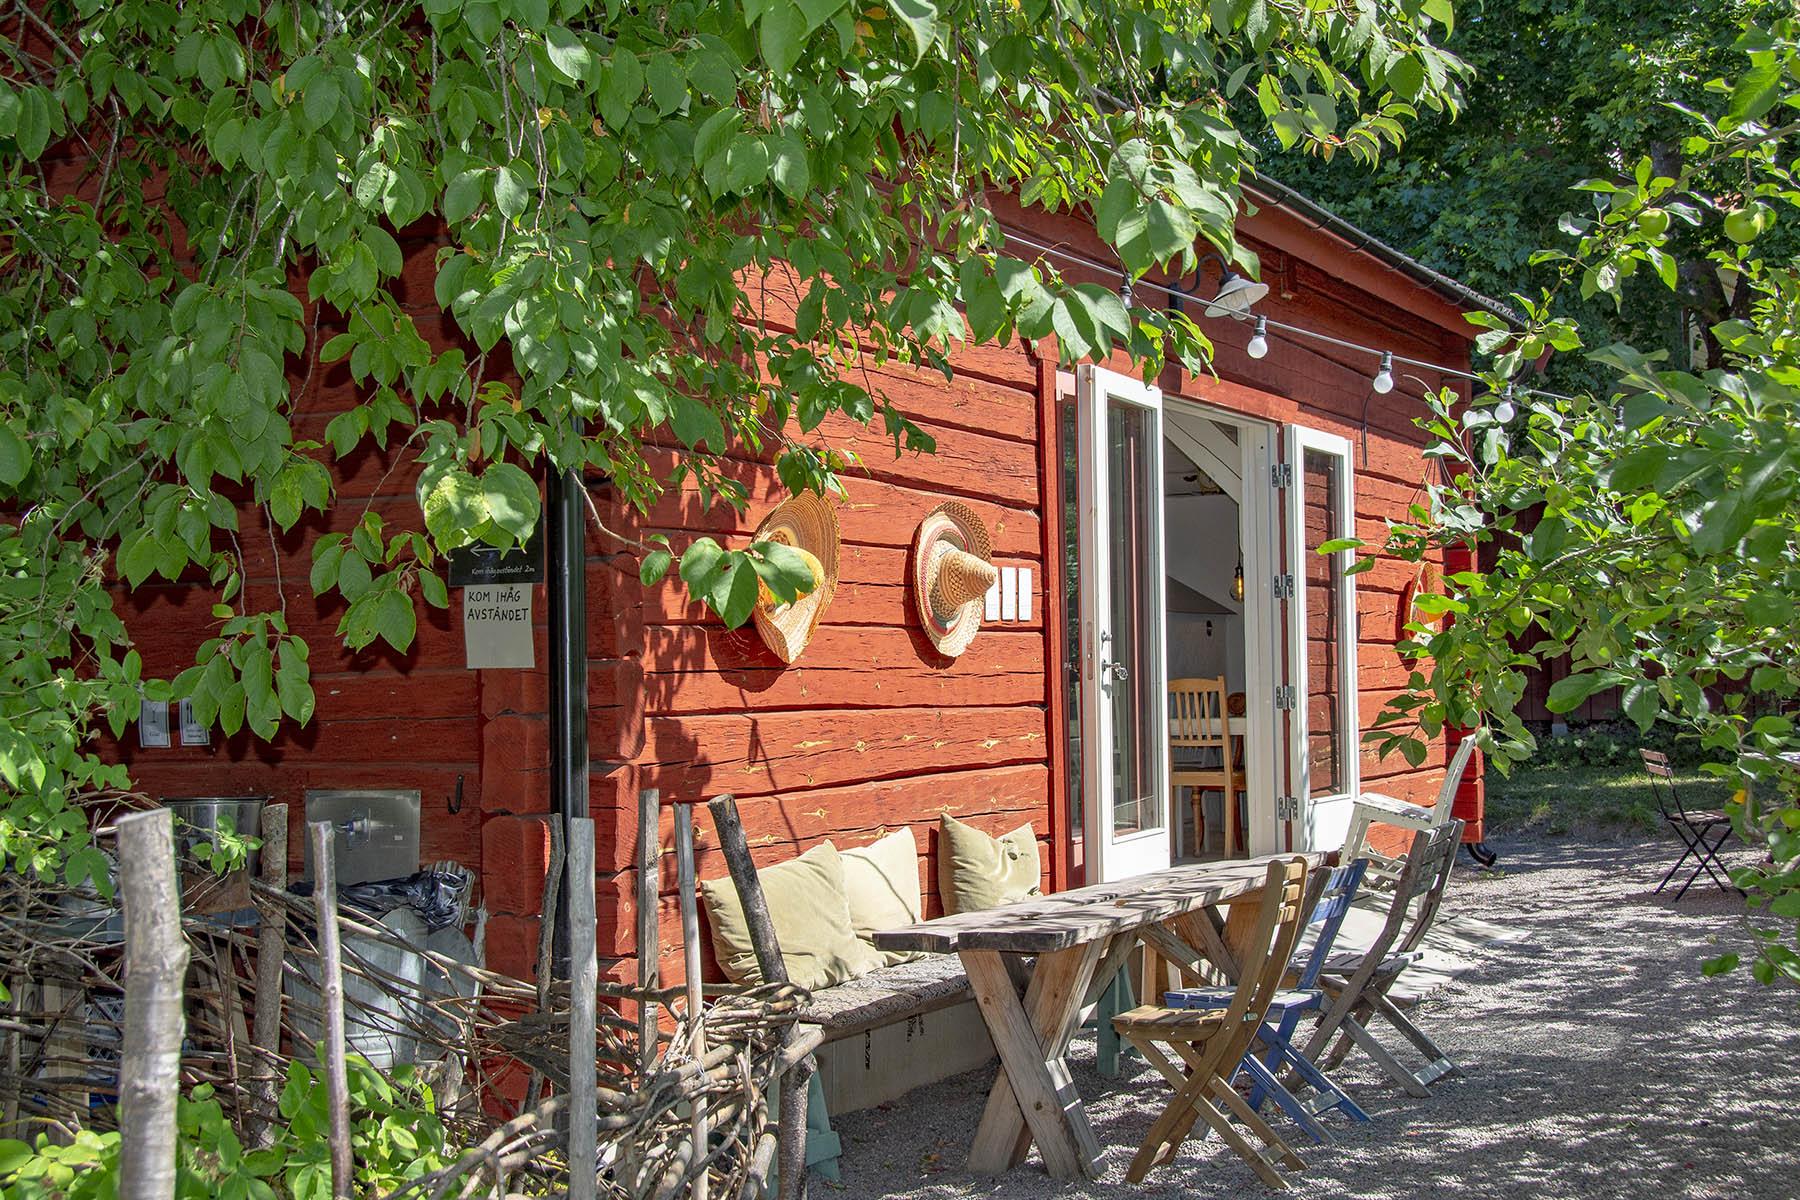 Äppelfabriken café